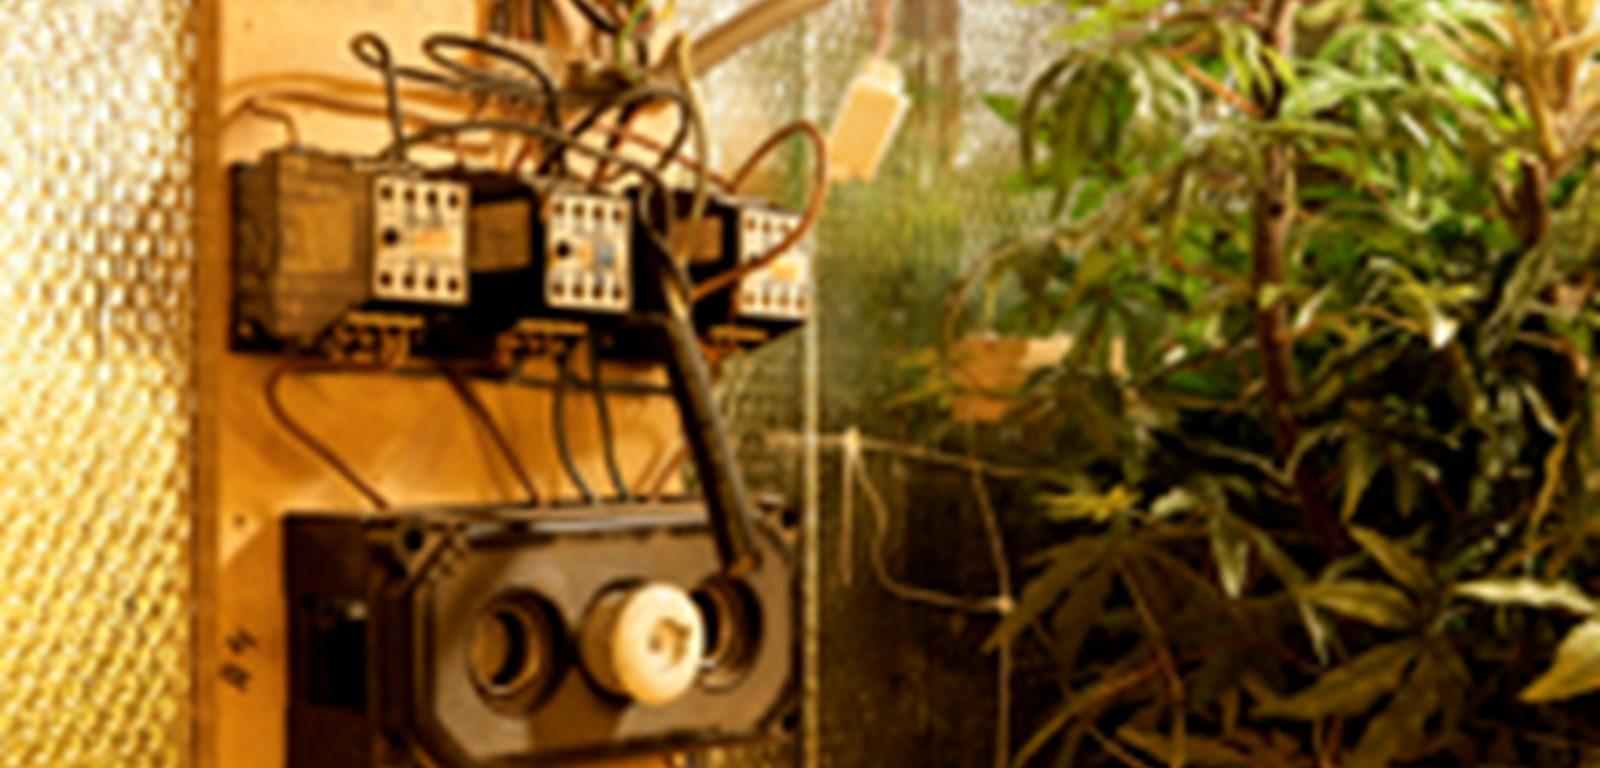 Vorig jaar 4.676 energiediefstallen bij hennepkwekerijen gestopt